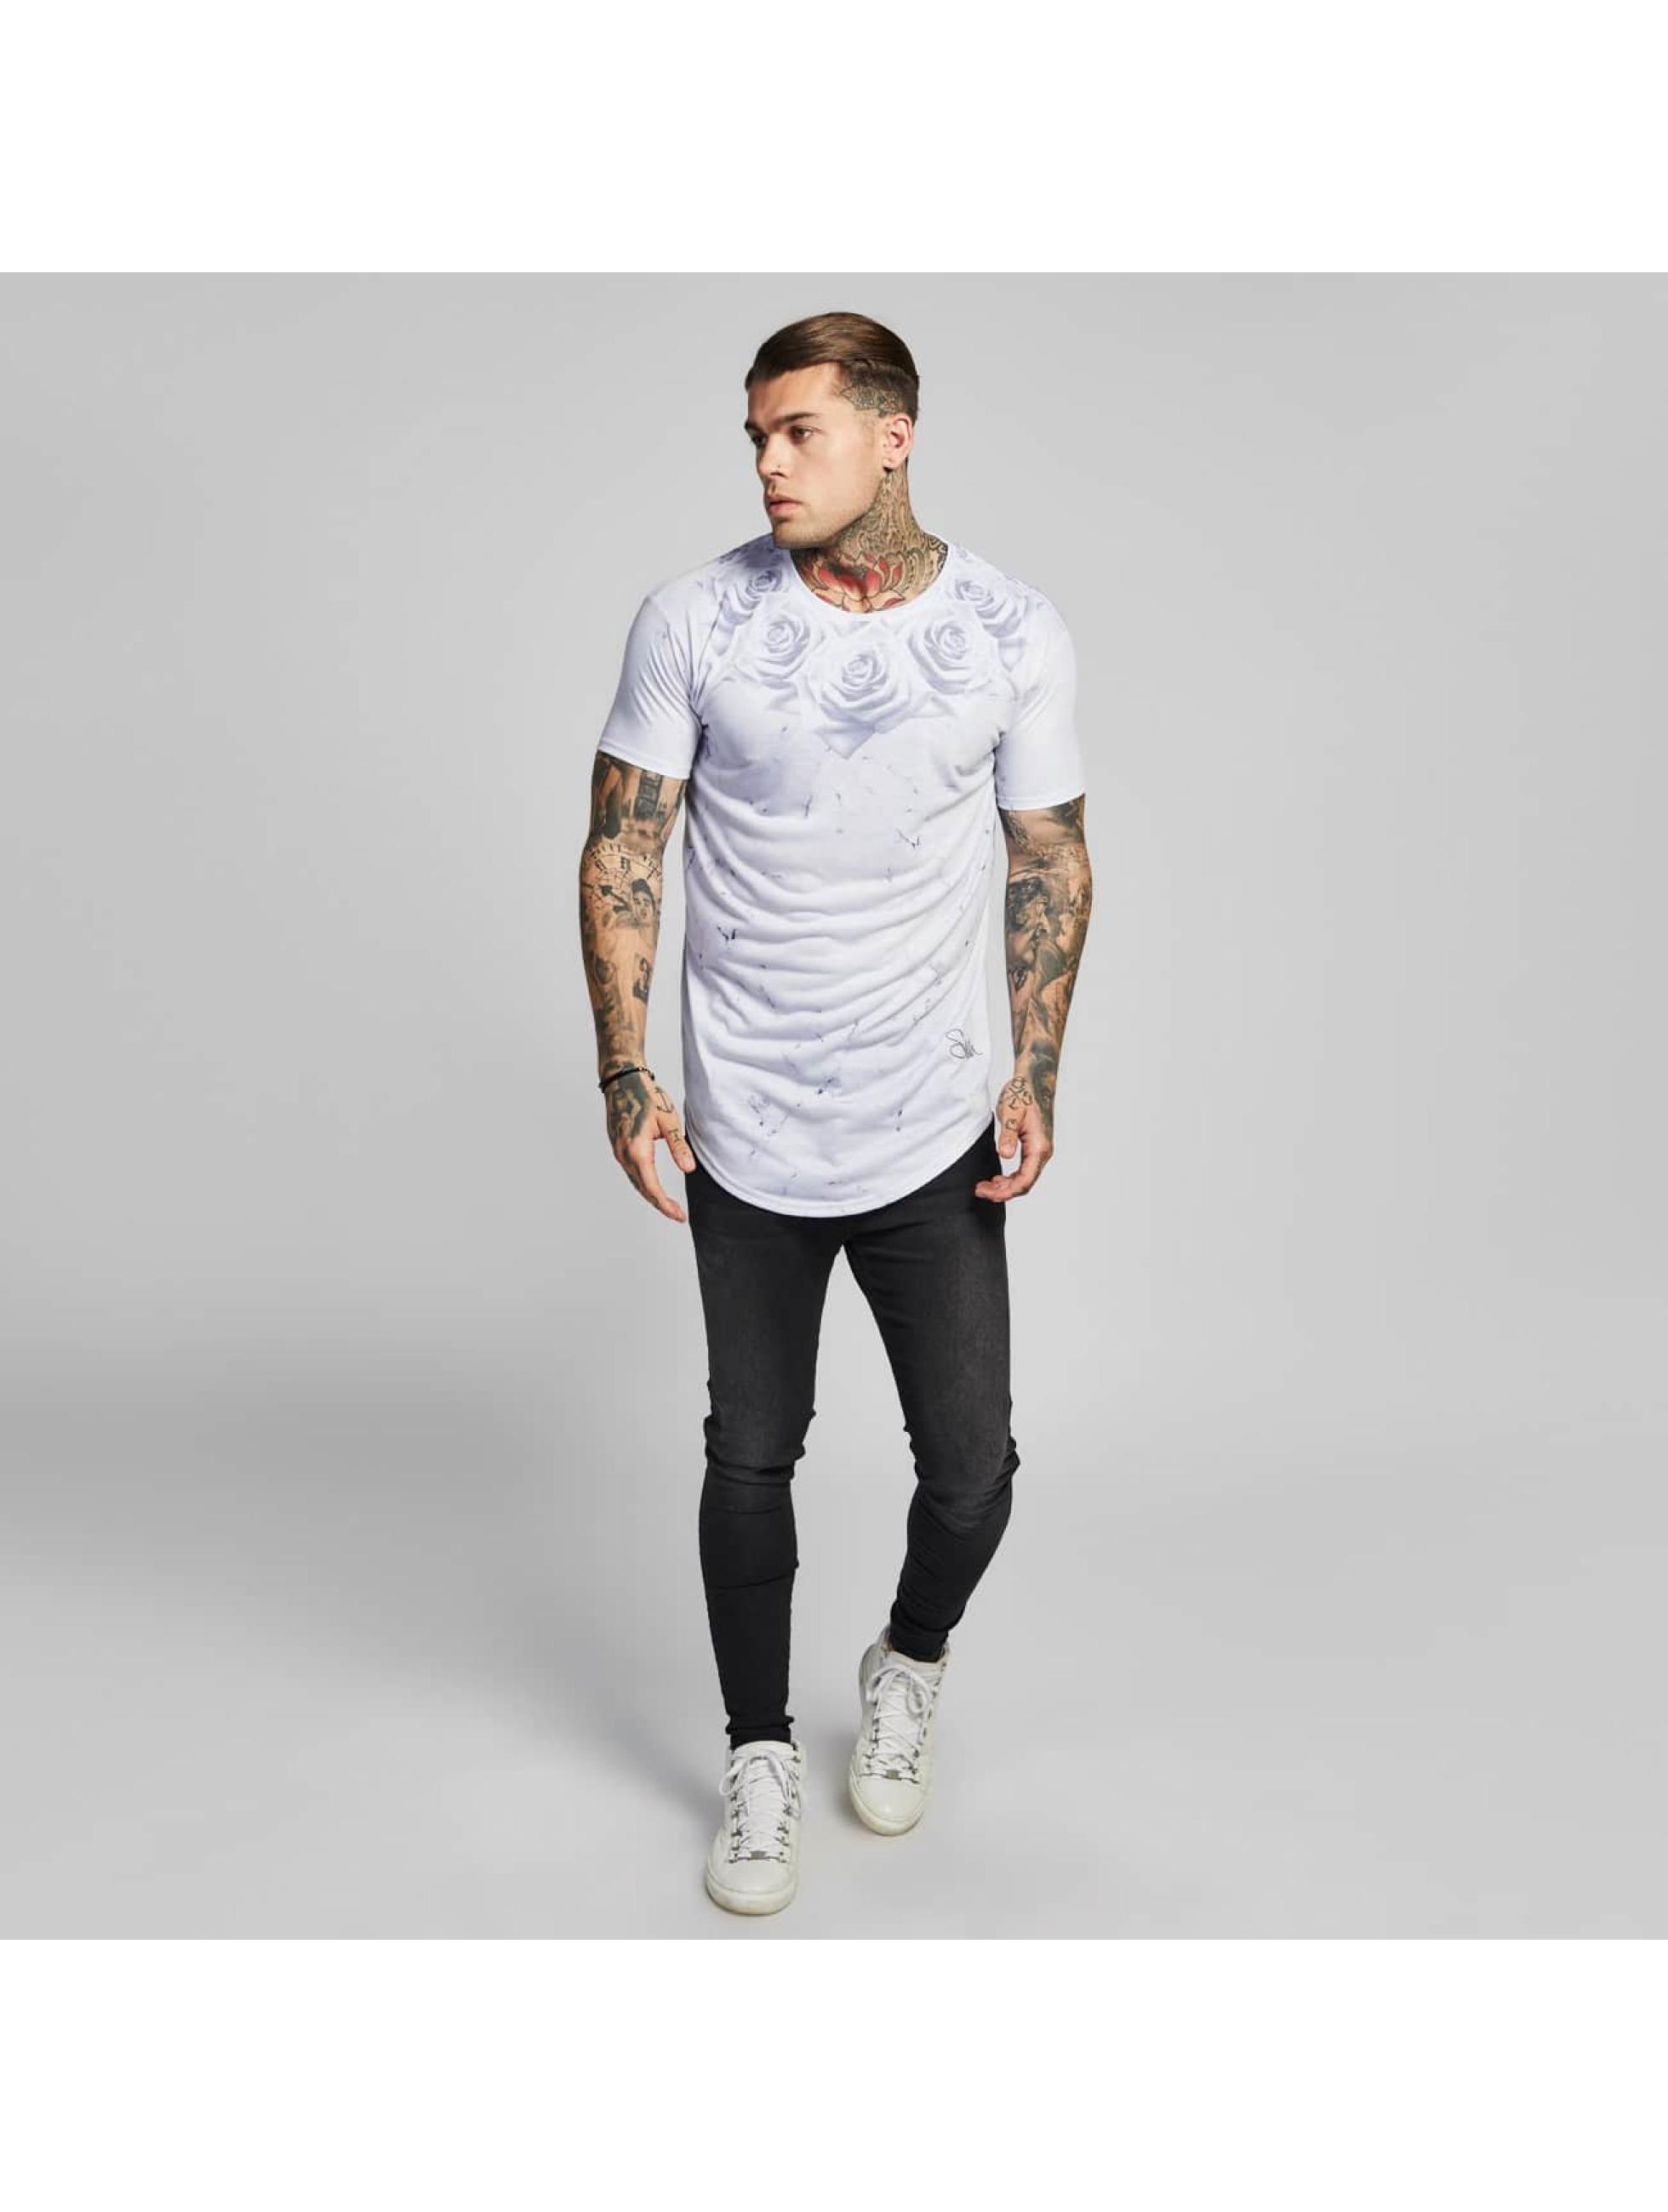 Sik Silk T-Shirt Marble Rose Curved Hem white